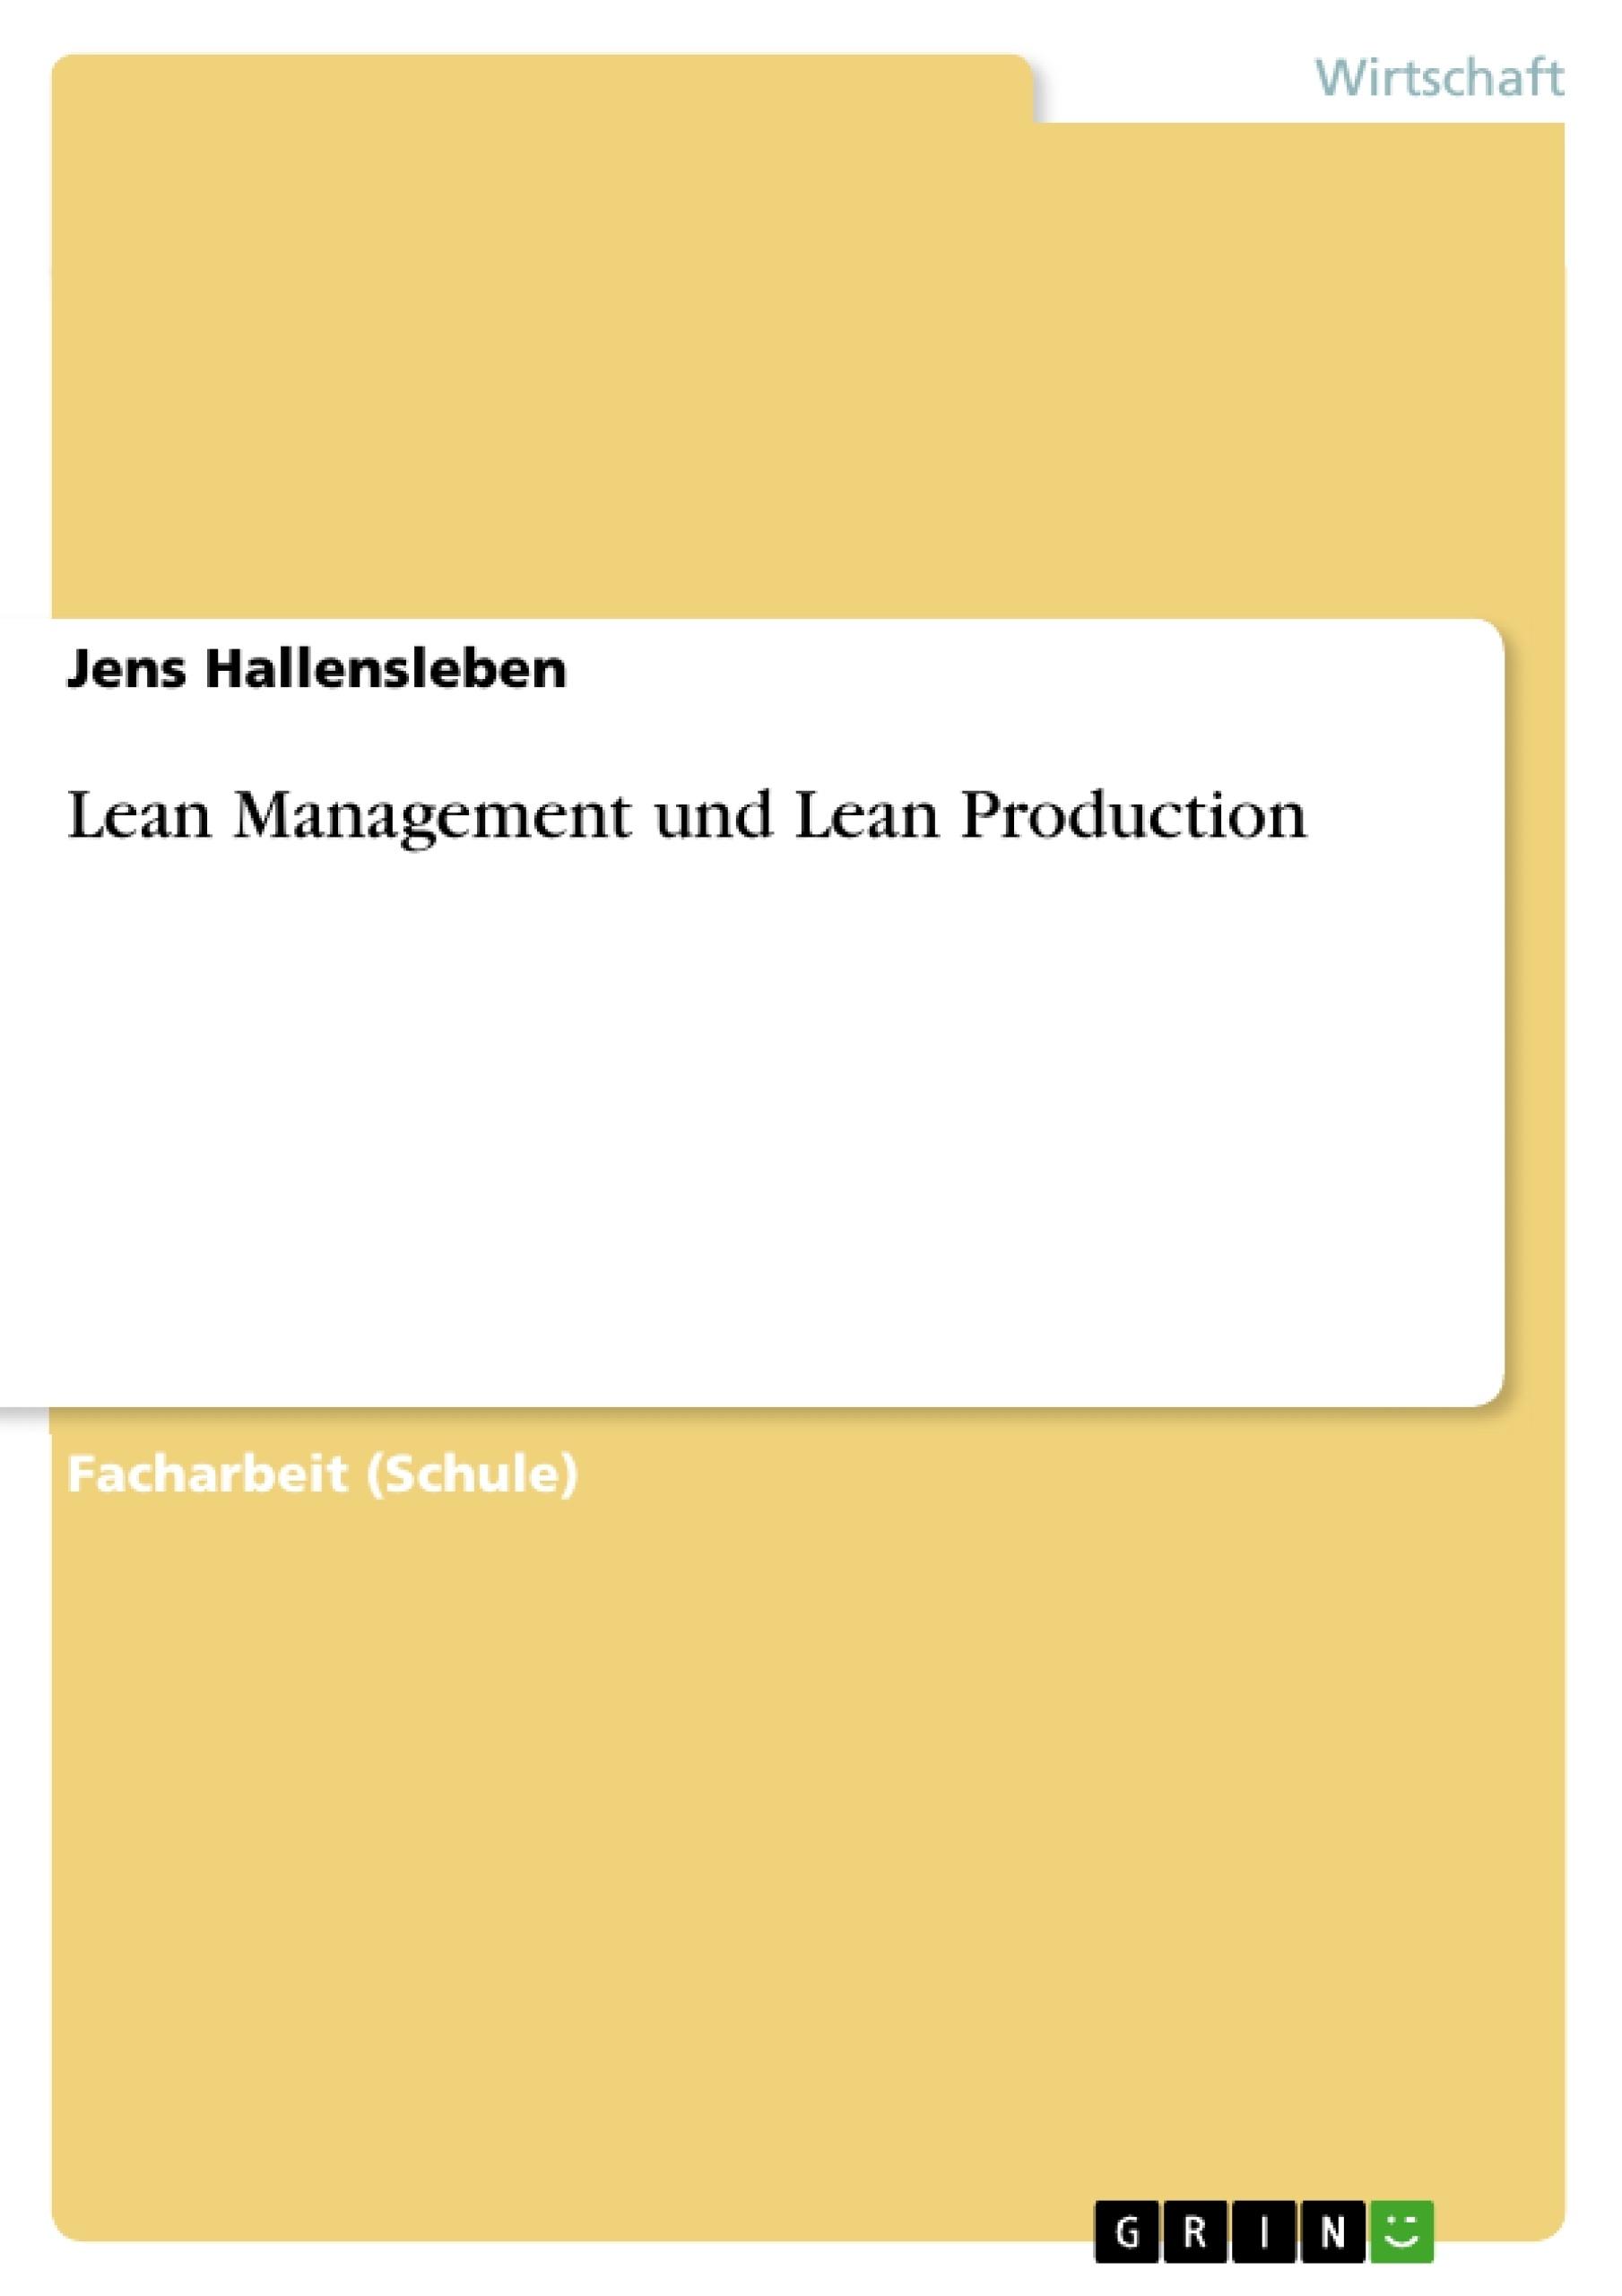 Titel: Lean Management und Lean Production